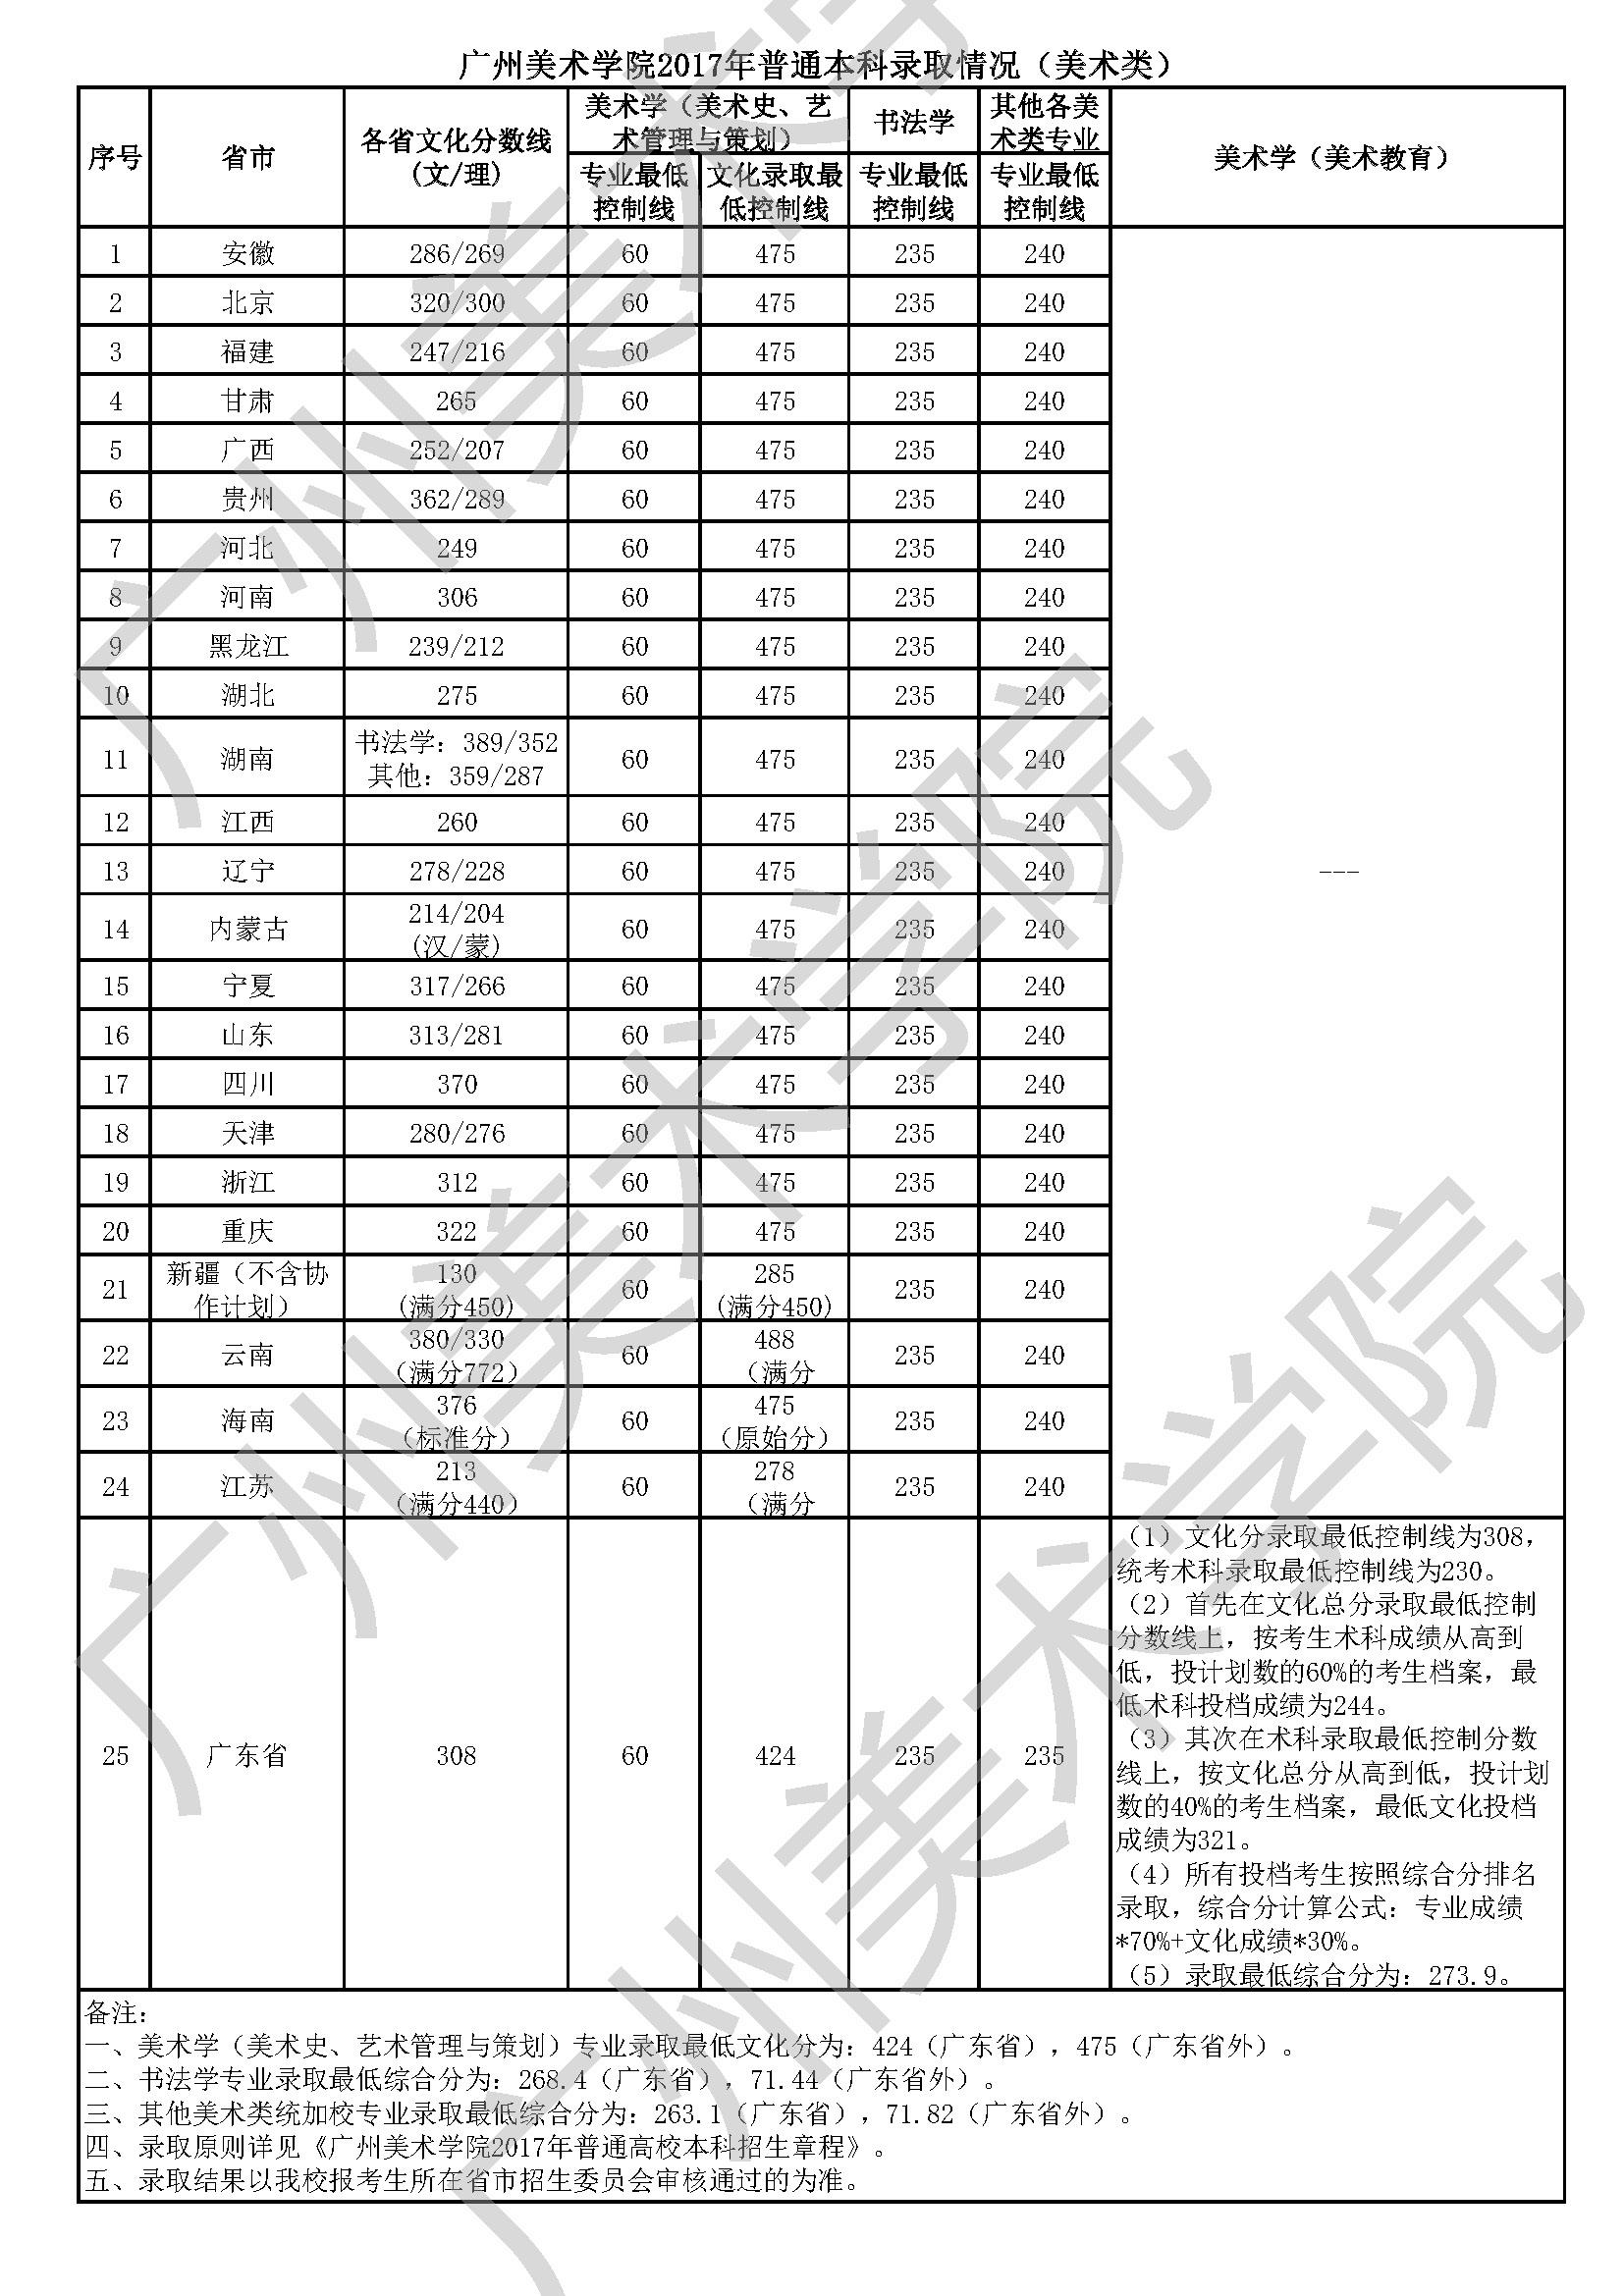 臺北美術學院2017年本科招生登科分數線-51美術網